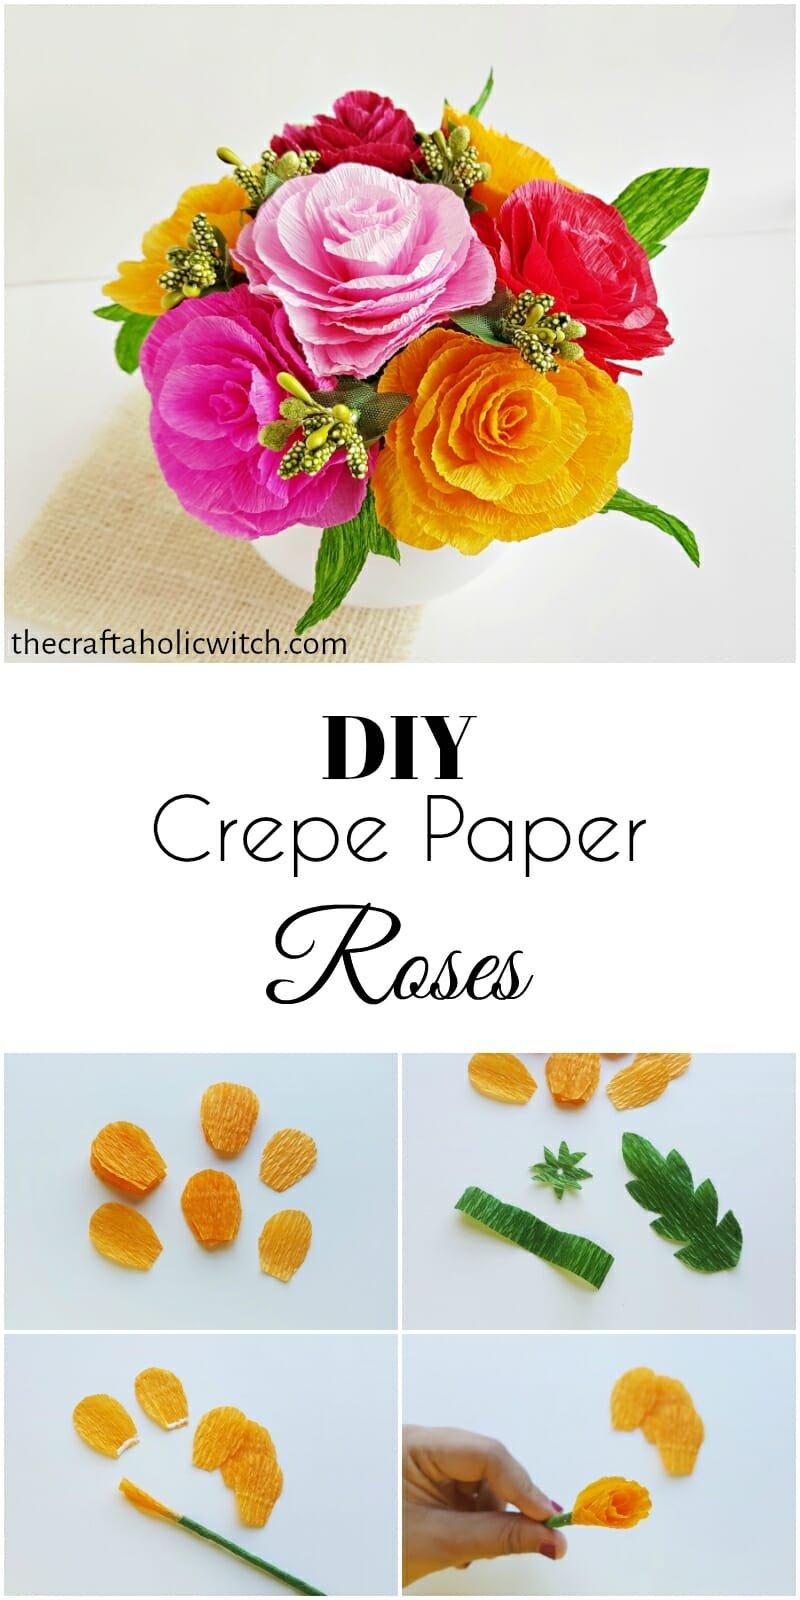 crepe paper rose pin image